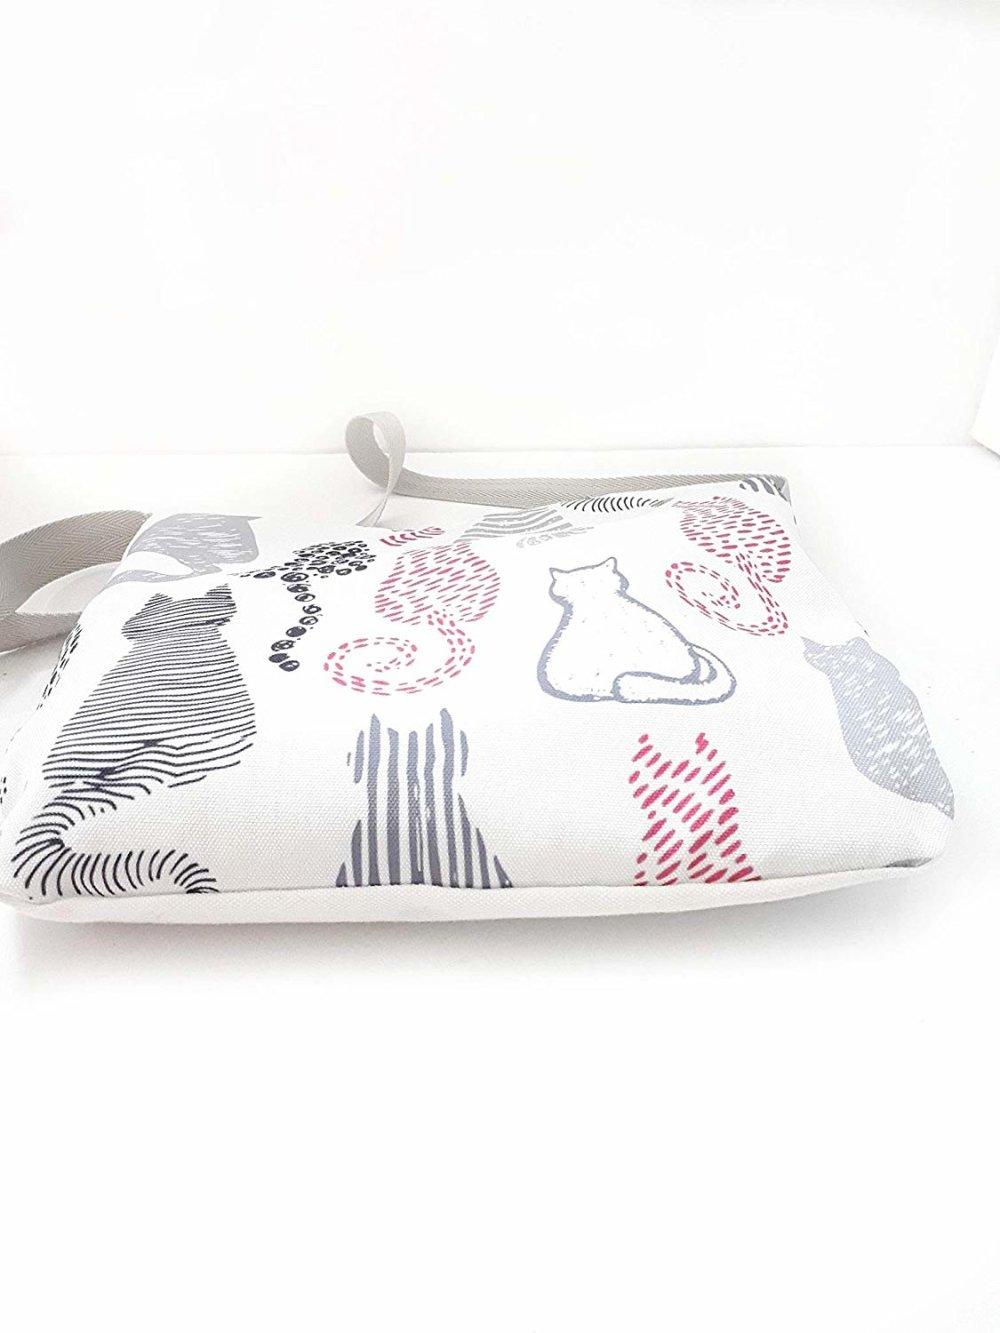 Sac bandoulière tissu blanc chats, sac besace bandoulière silhouettes chats assis, sac à porter en travers du buste léger lavable